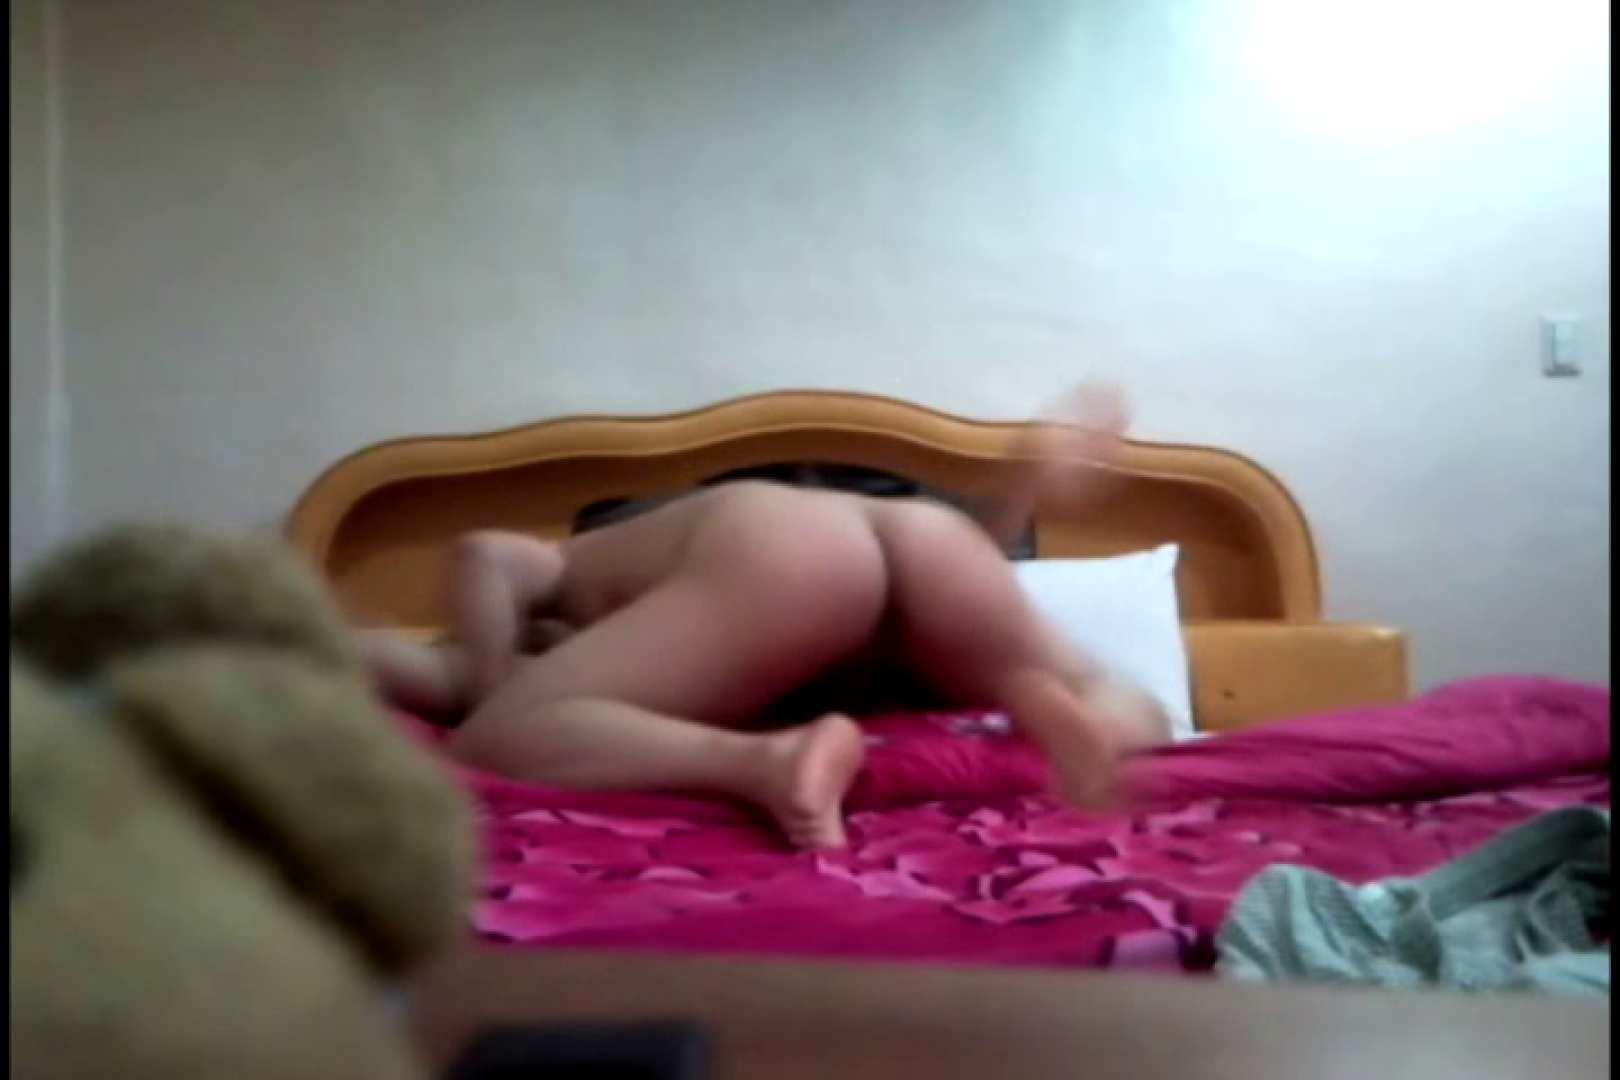 コリアン素人流出シリーズ ラブホテル隠し撮り ラブホテル | ホテル潜入  70pic 20